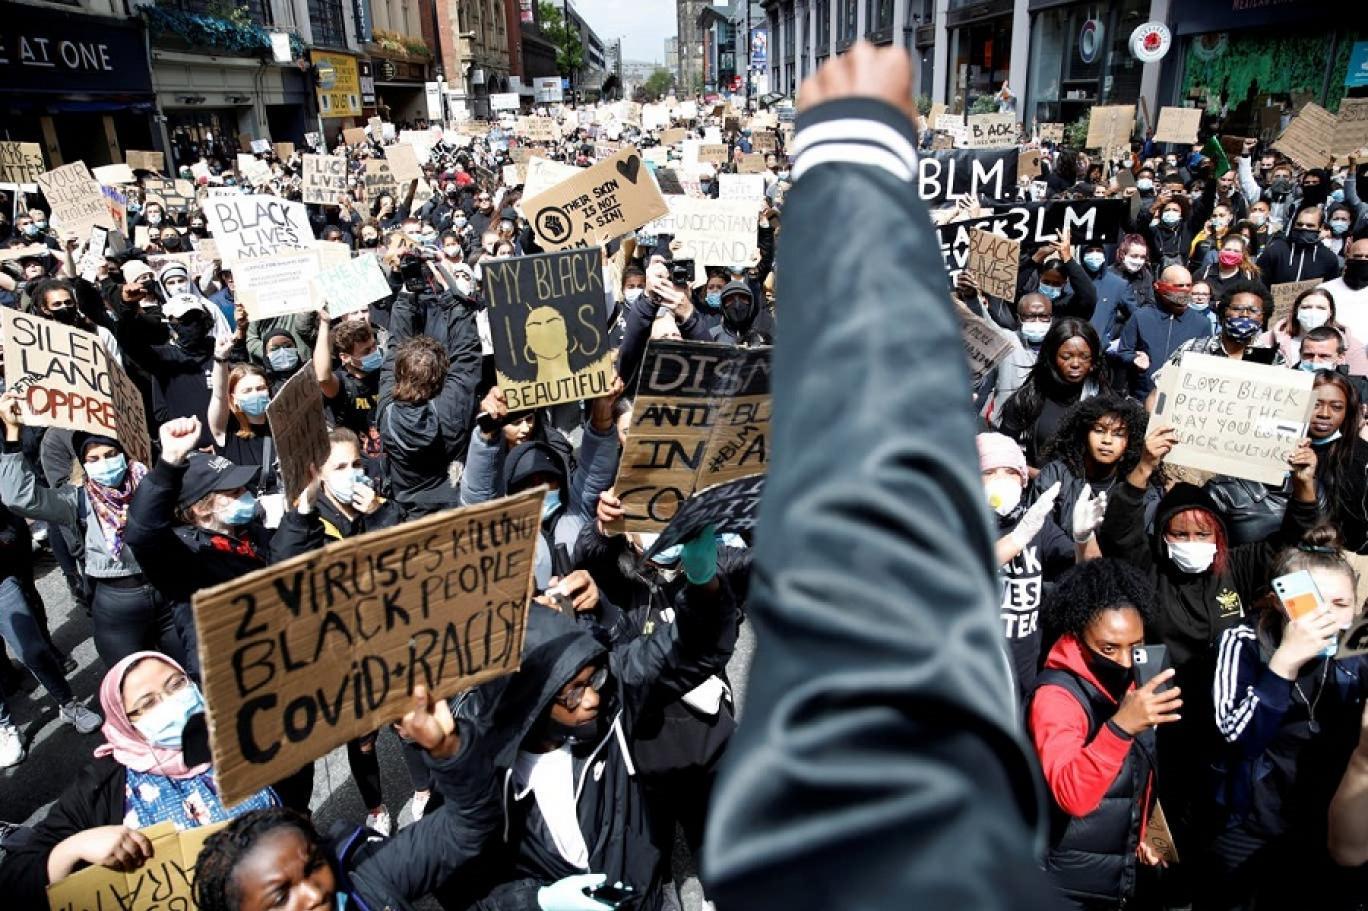 منع الاحتجاج ببريطانيا